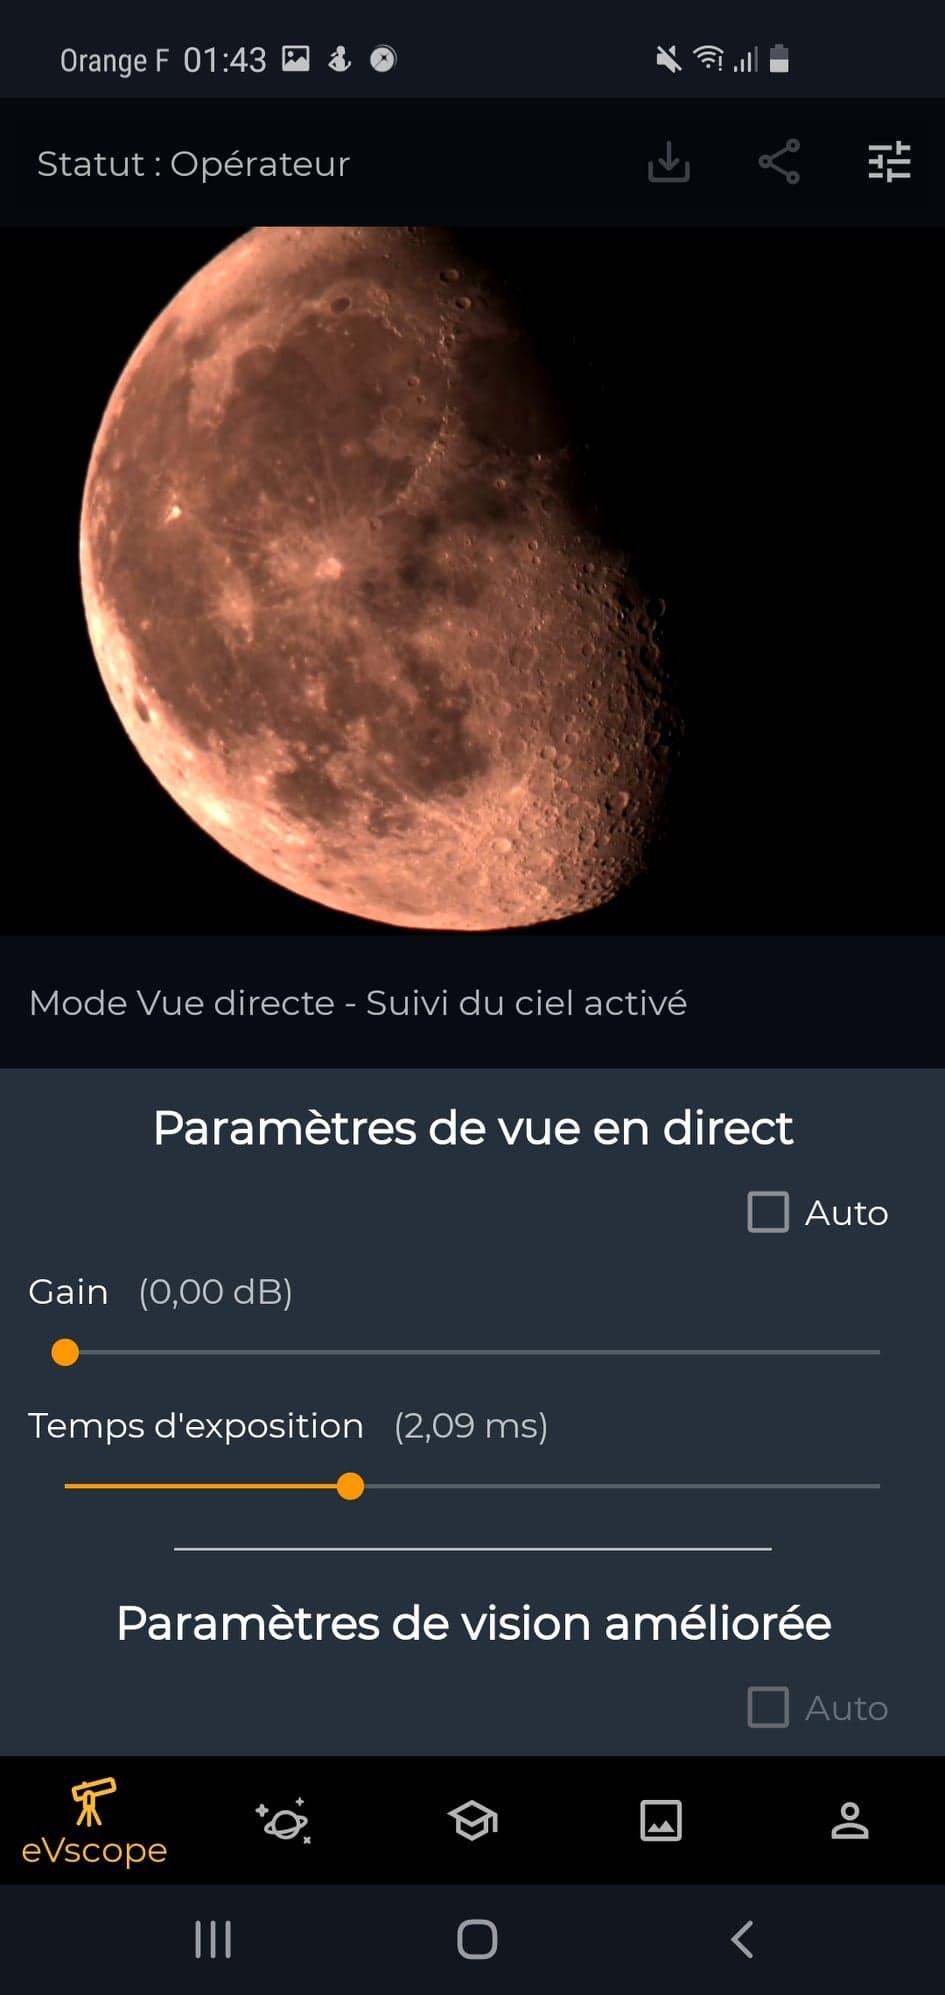 Lune_09-08-2020_117319108_1268196666844873_1158501263562536481_n.jpg